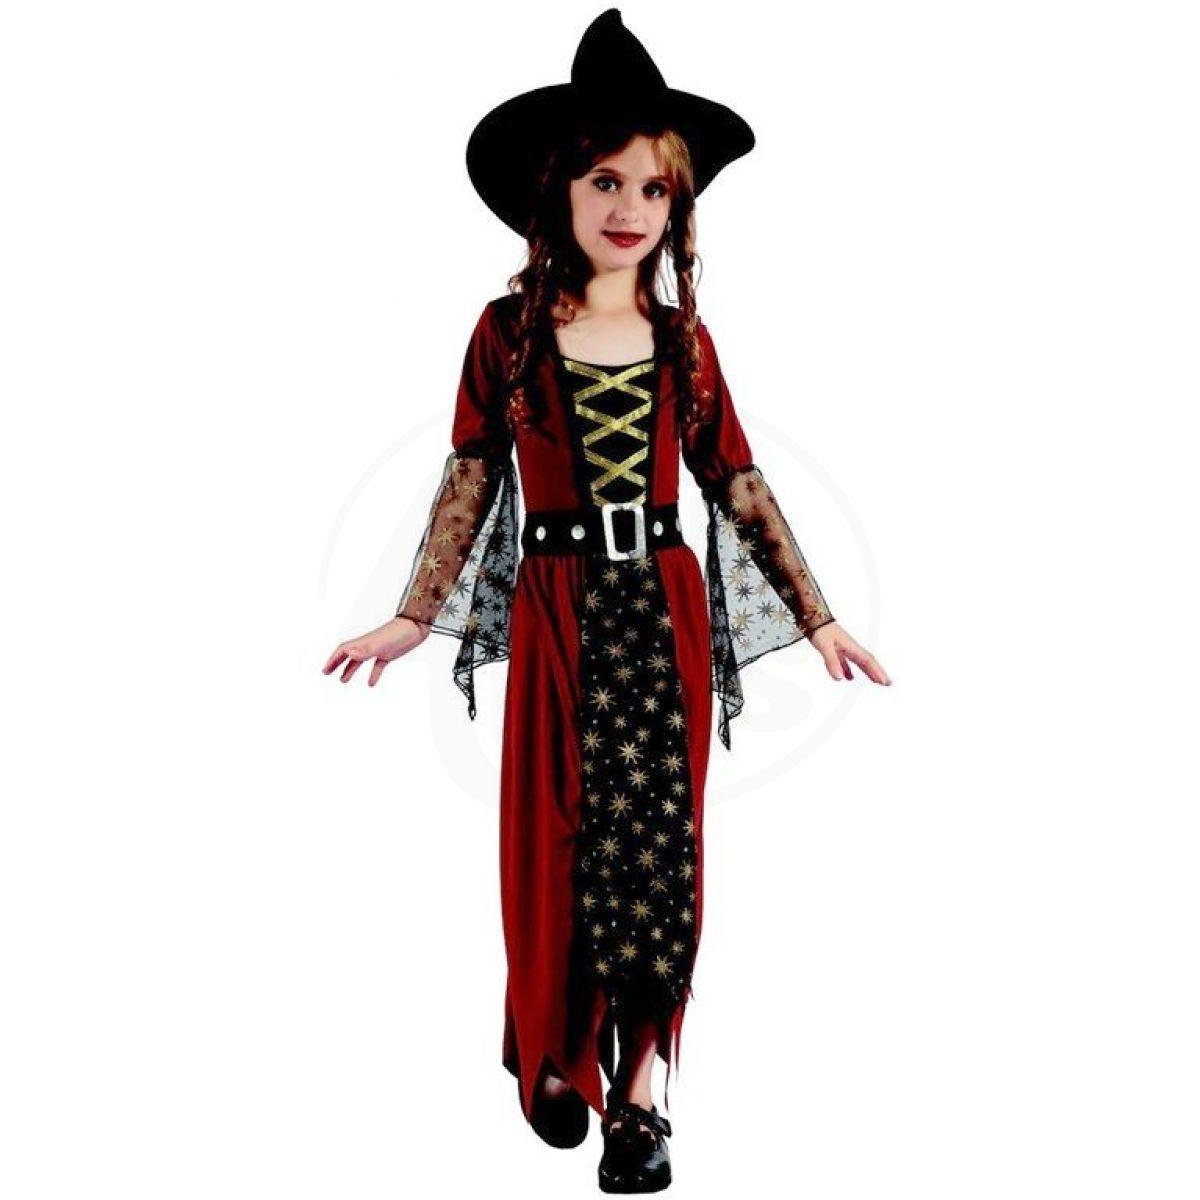 Made Dětský karnevalový kostým čarodějka M 120 - 130 cm 39b3b75777e